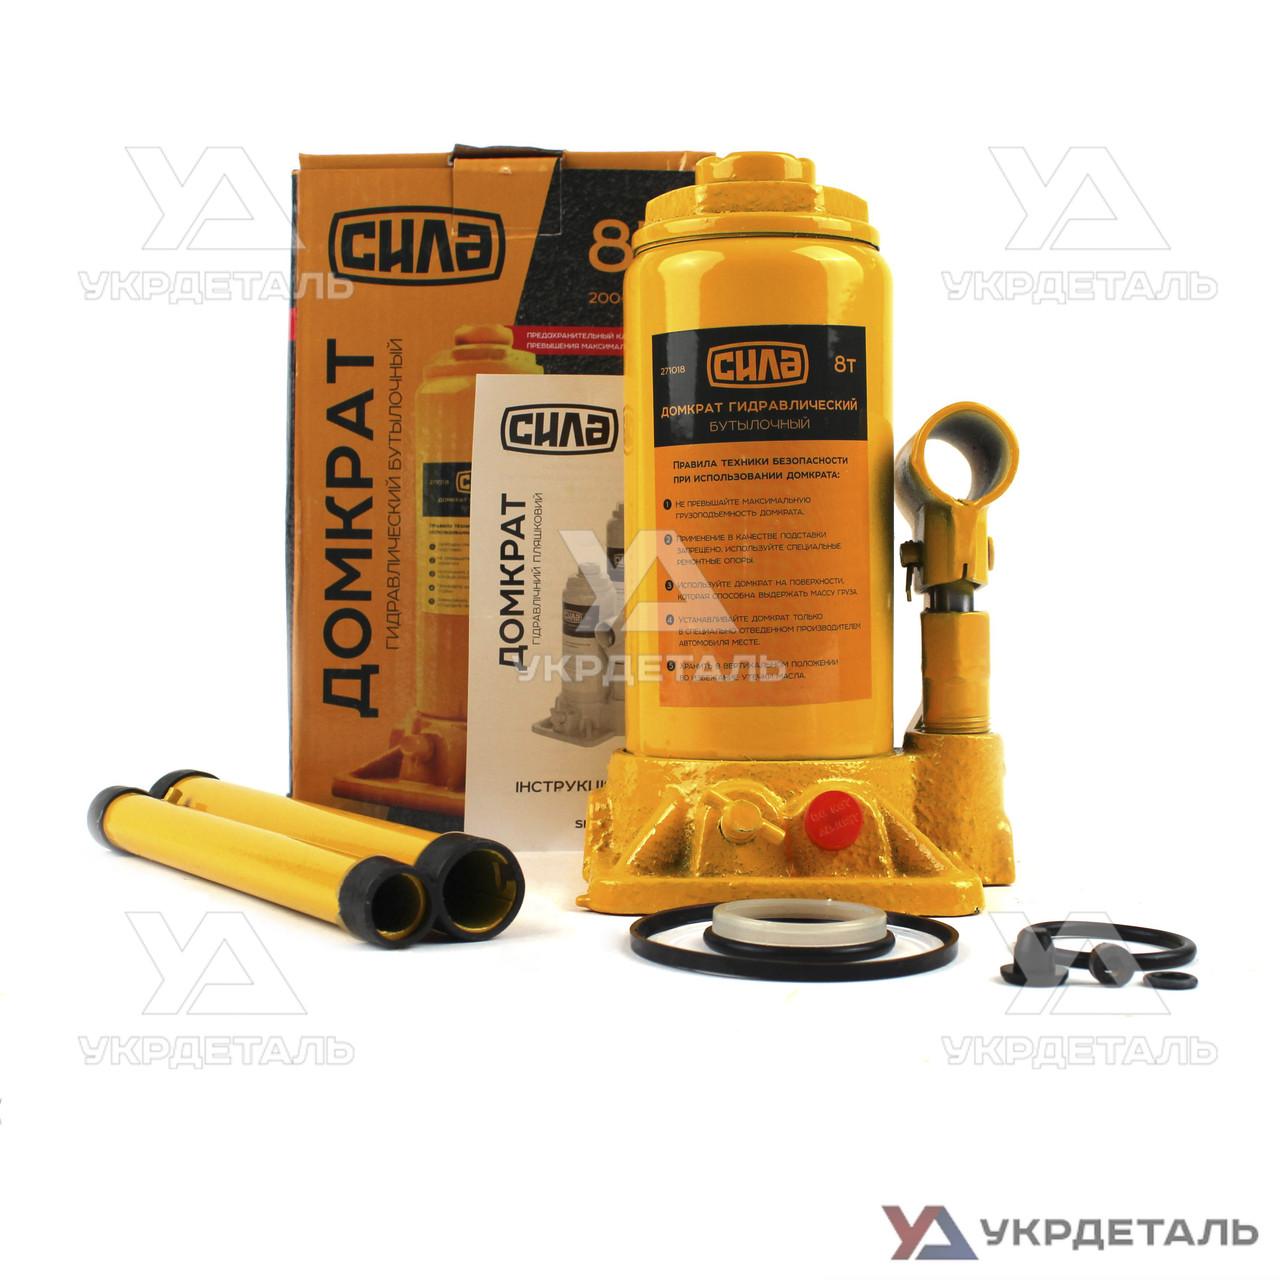 Домкрат гидравлический бутылочный - 8т 200-405 мм | СИЛА (Украина) 271018